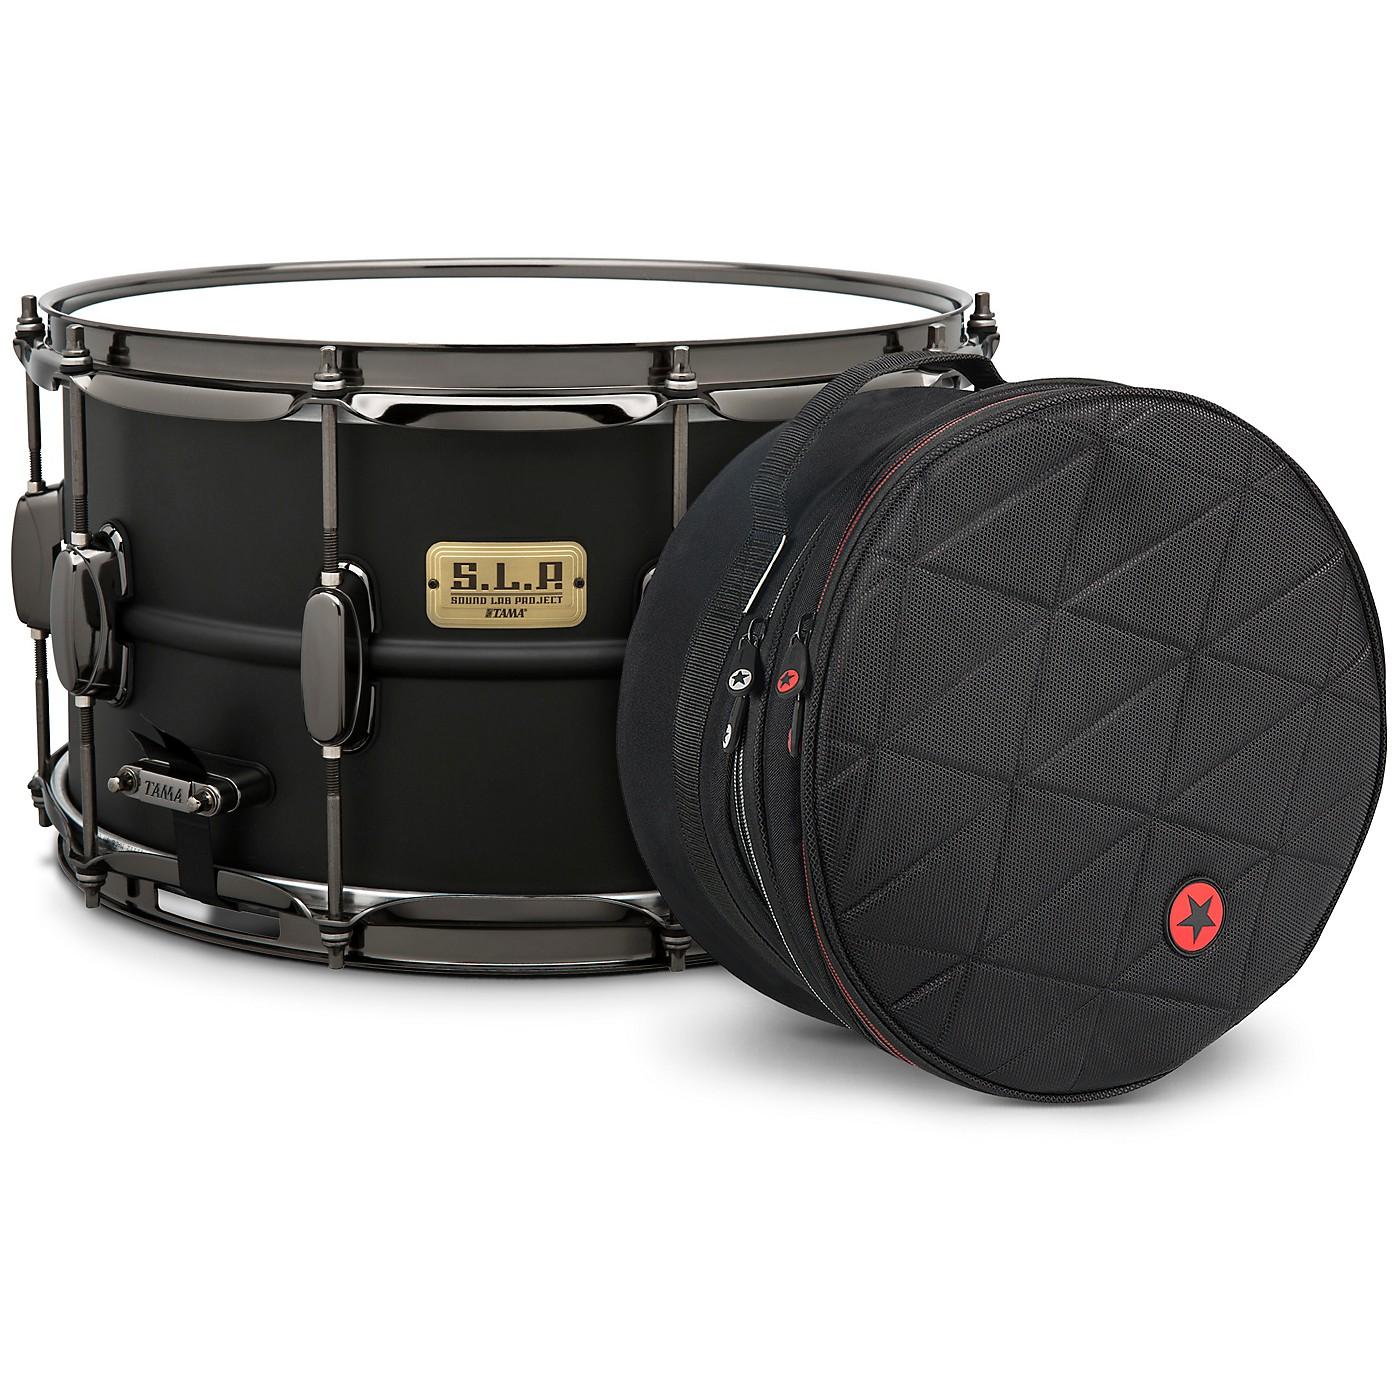 TAMA S.L.P. Big Black Steel Snare Drum with Road Runner Bag thumbnail